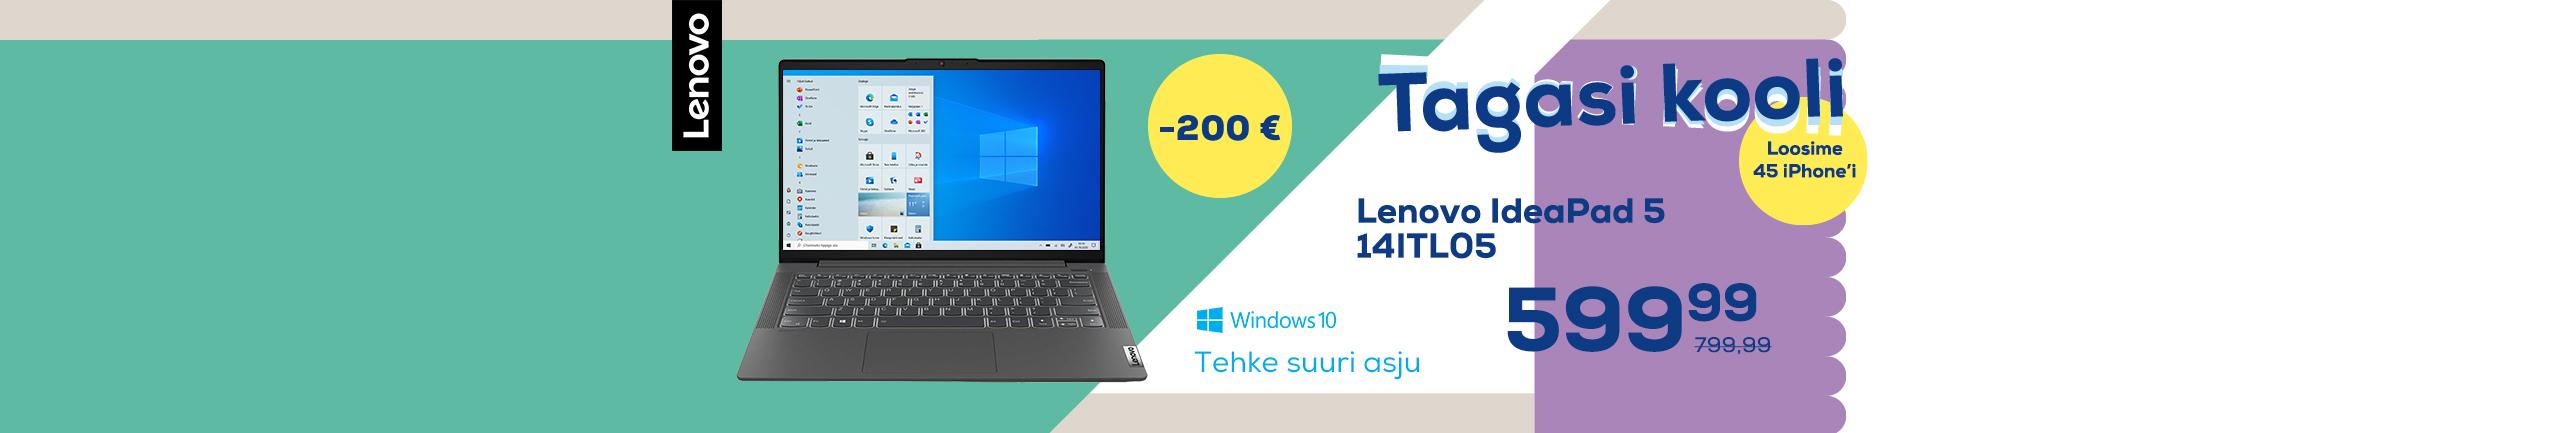 NPL Buy any computer and win brand new iPhone 12 mini, Lenovo Ideapad 5